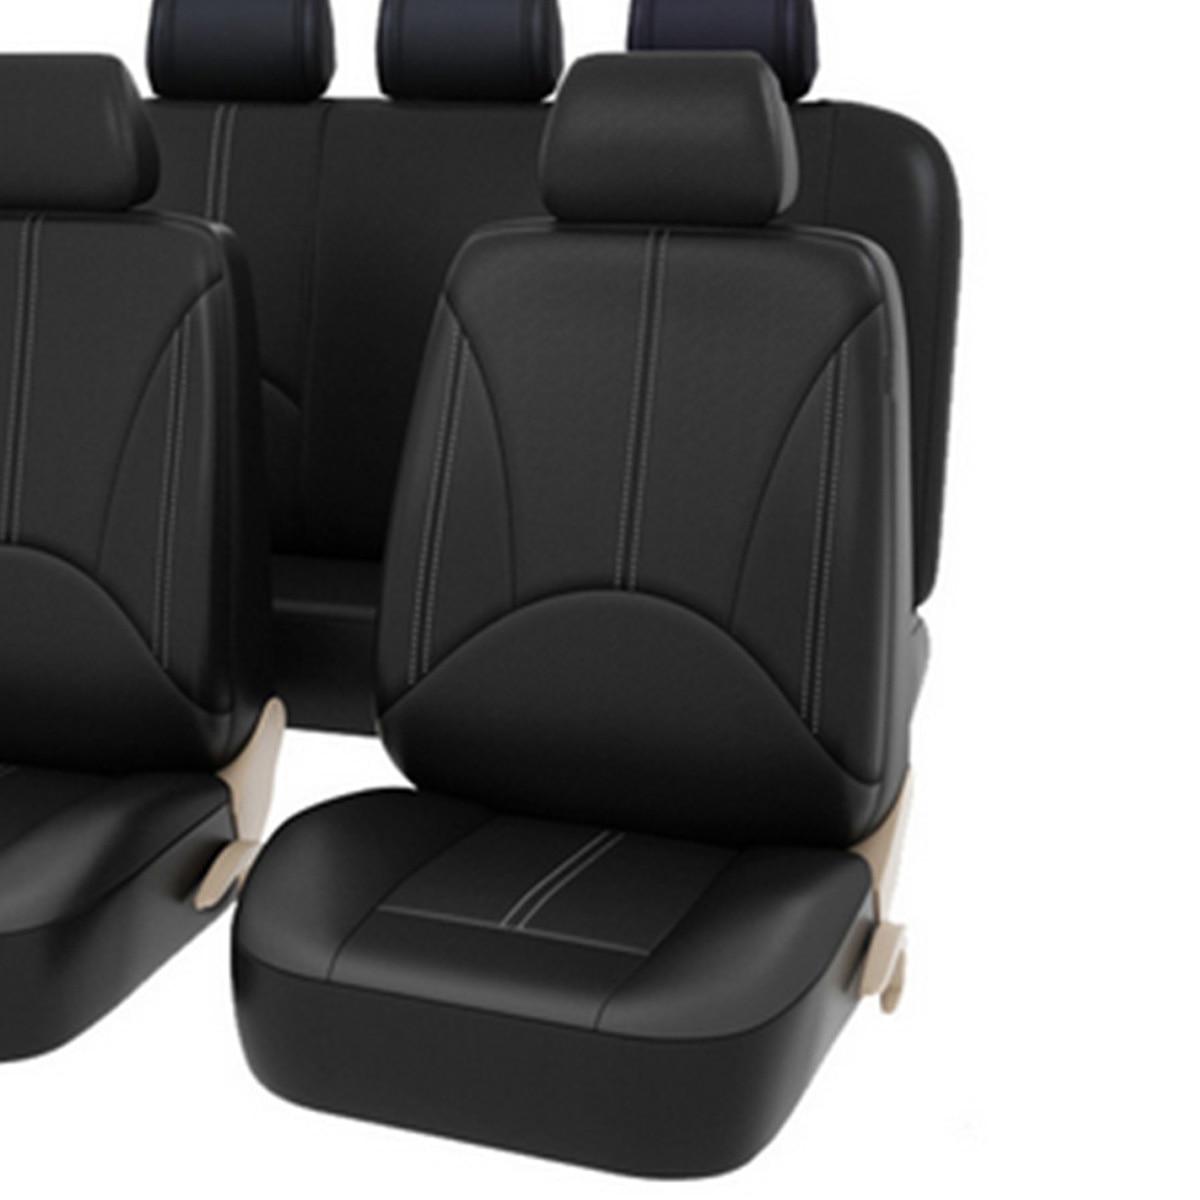 Asiento de coche cubre Ajuste Suzuki Ignis-juego completo de Cuero Sintético Negro